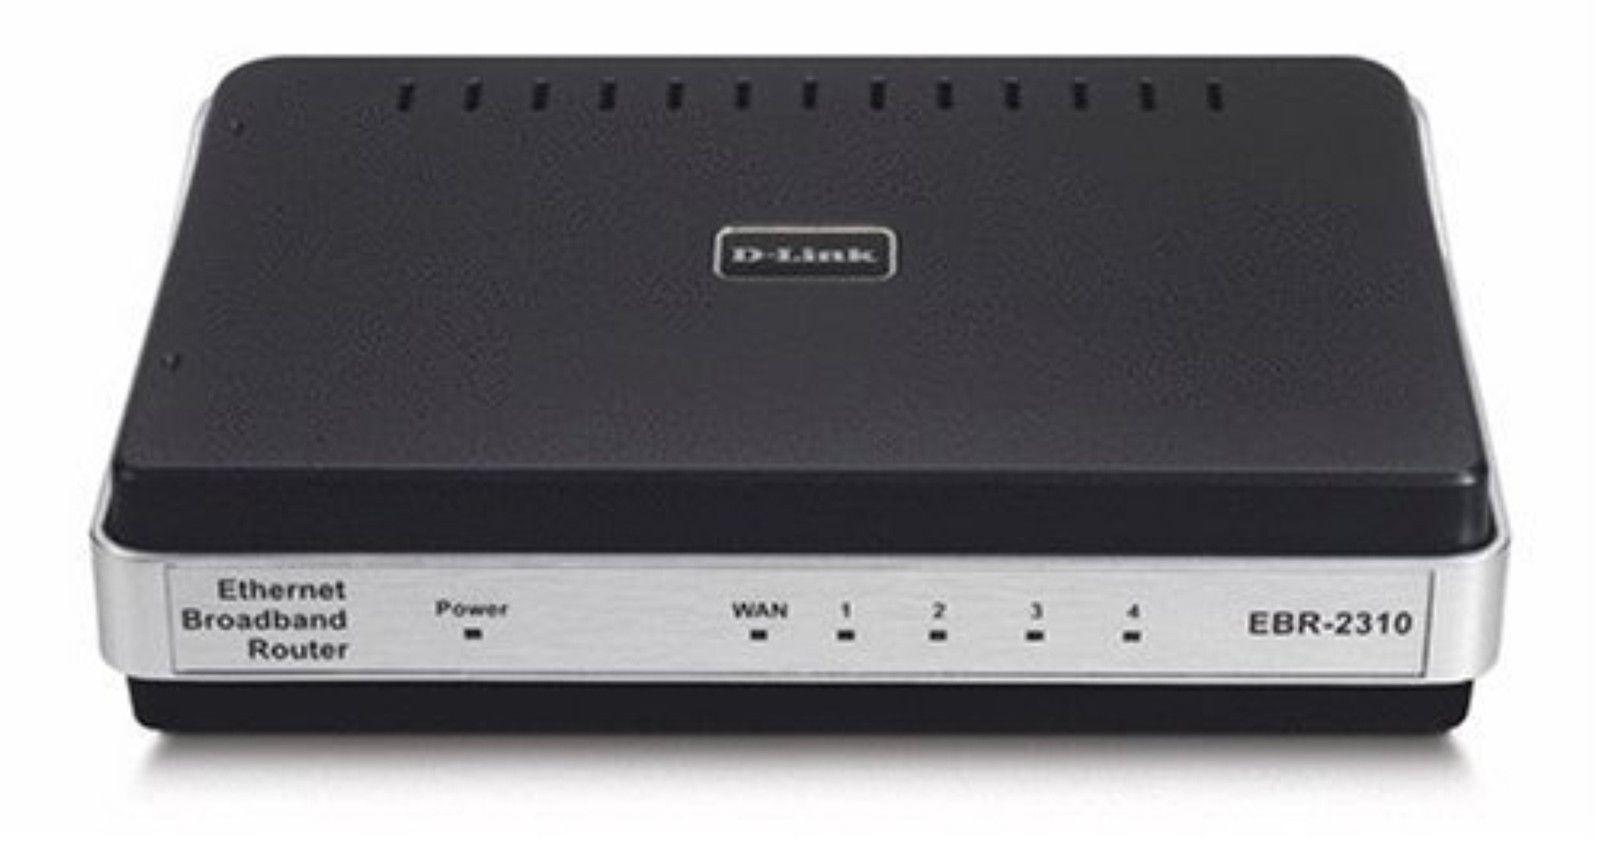 D-Link EBR-2310 4-Port 10/100 Wired Ethernet Broadband Router Sealed ...